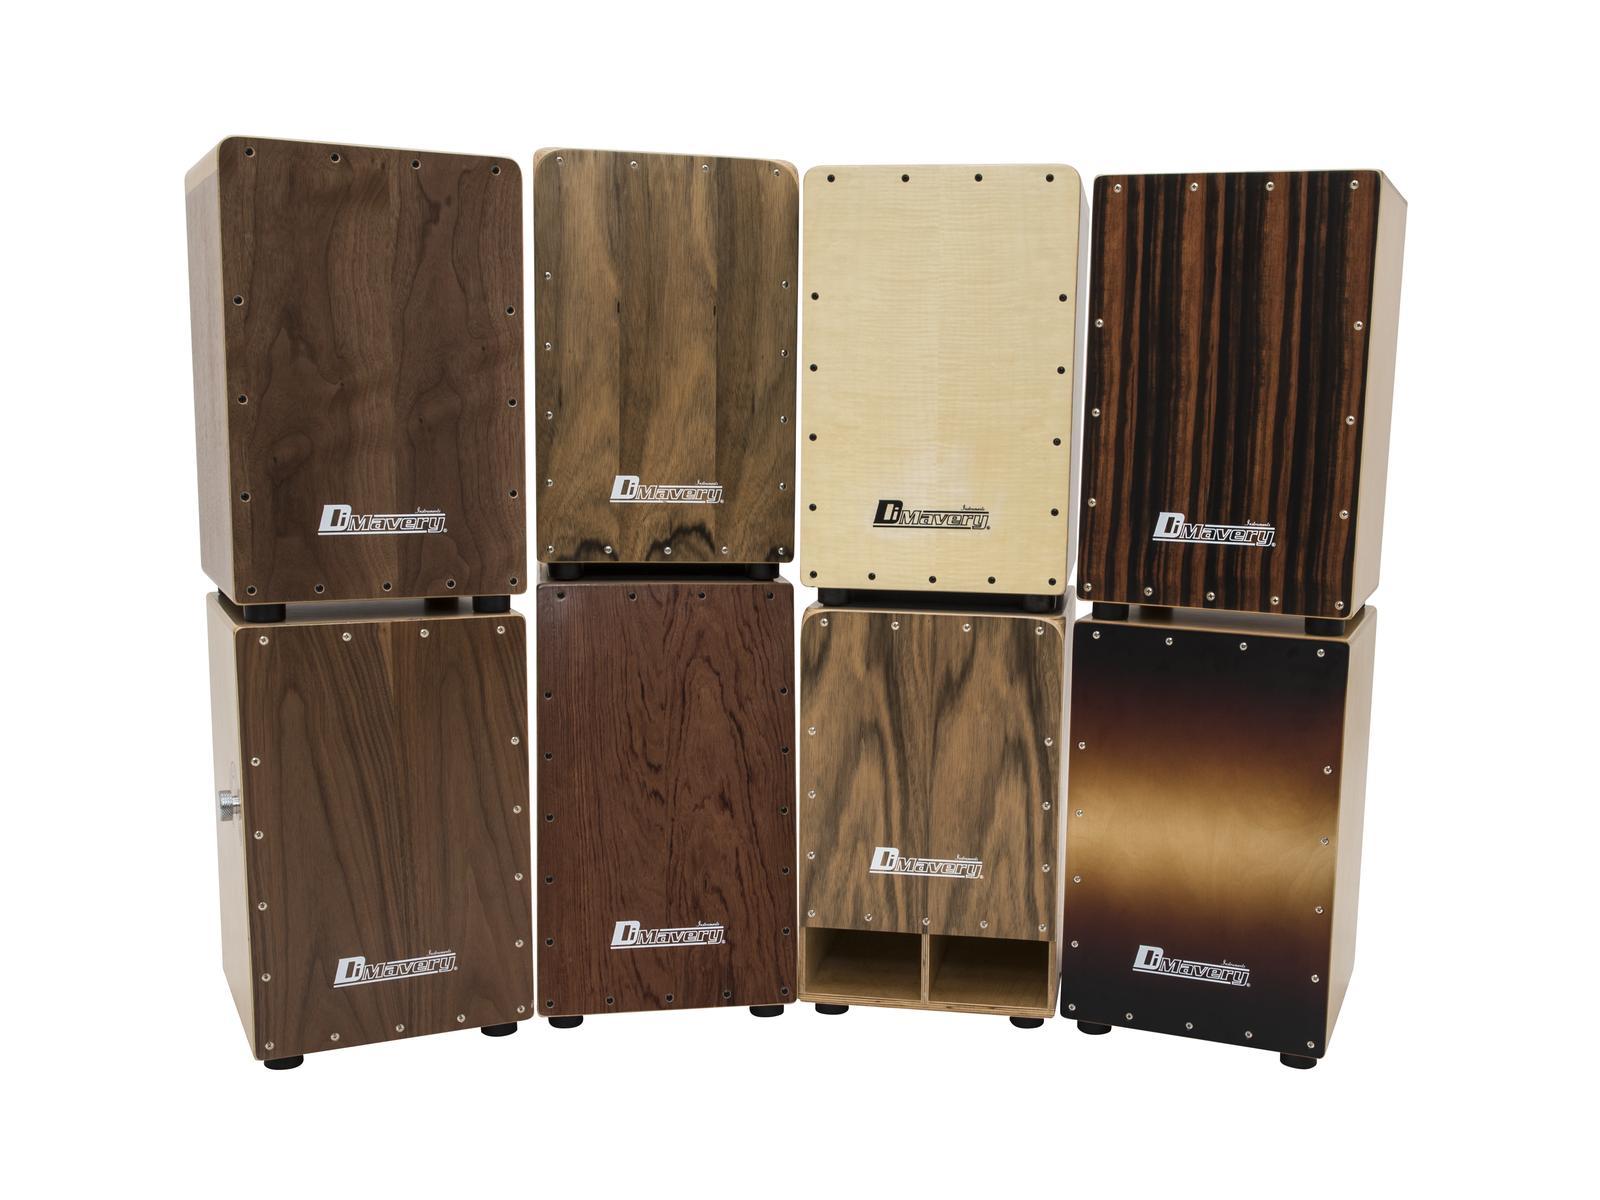 Cajon percussioni professionali in legno, betulla, sunburst DIMAVERY CJ-510